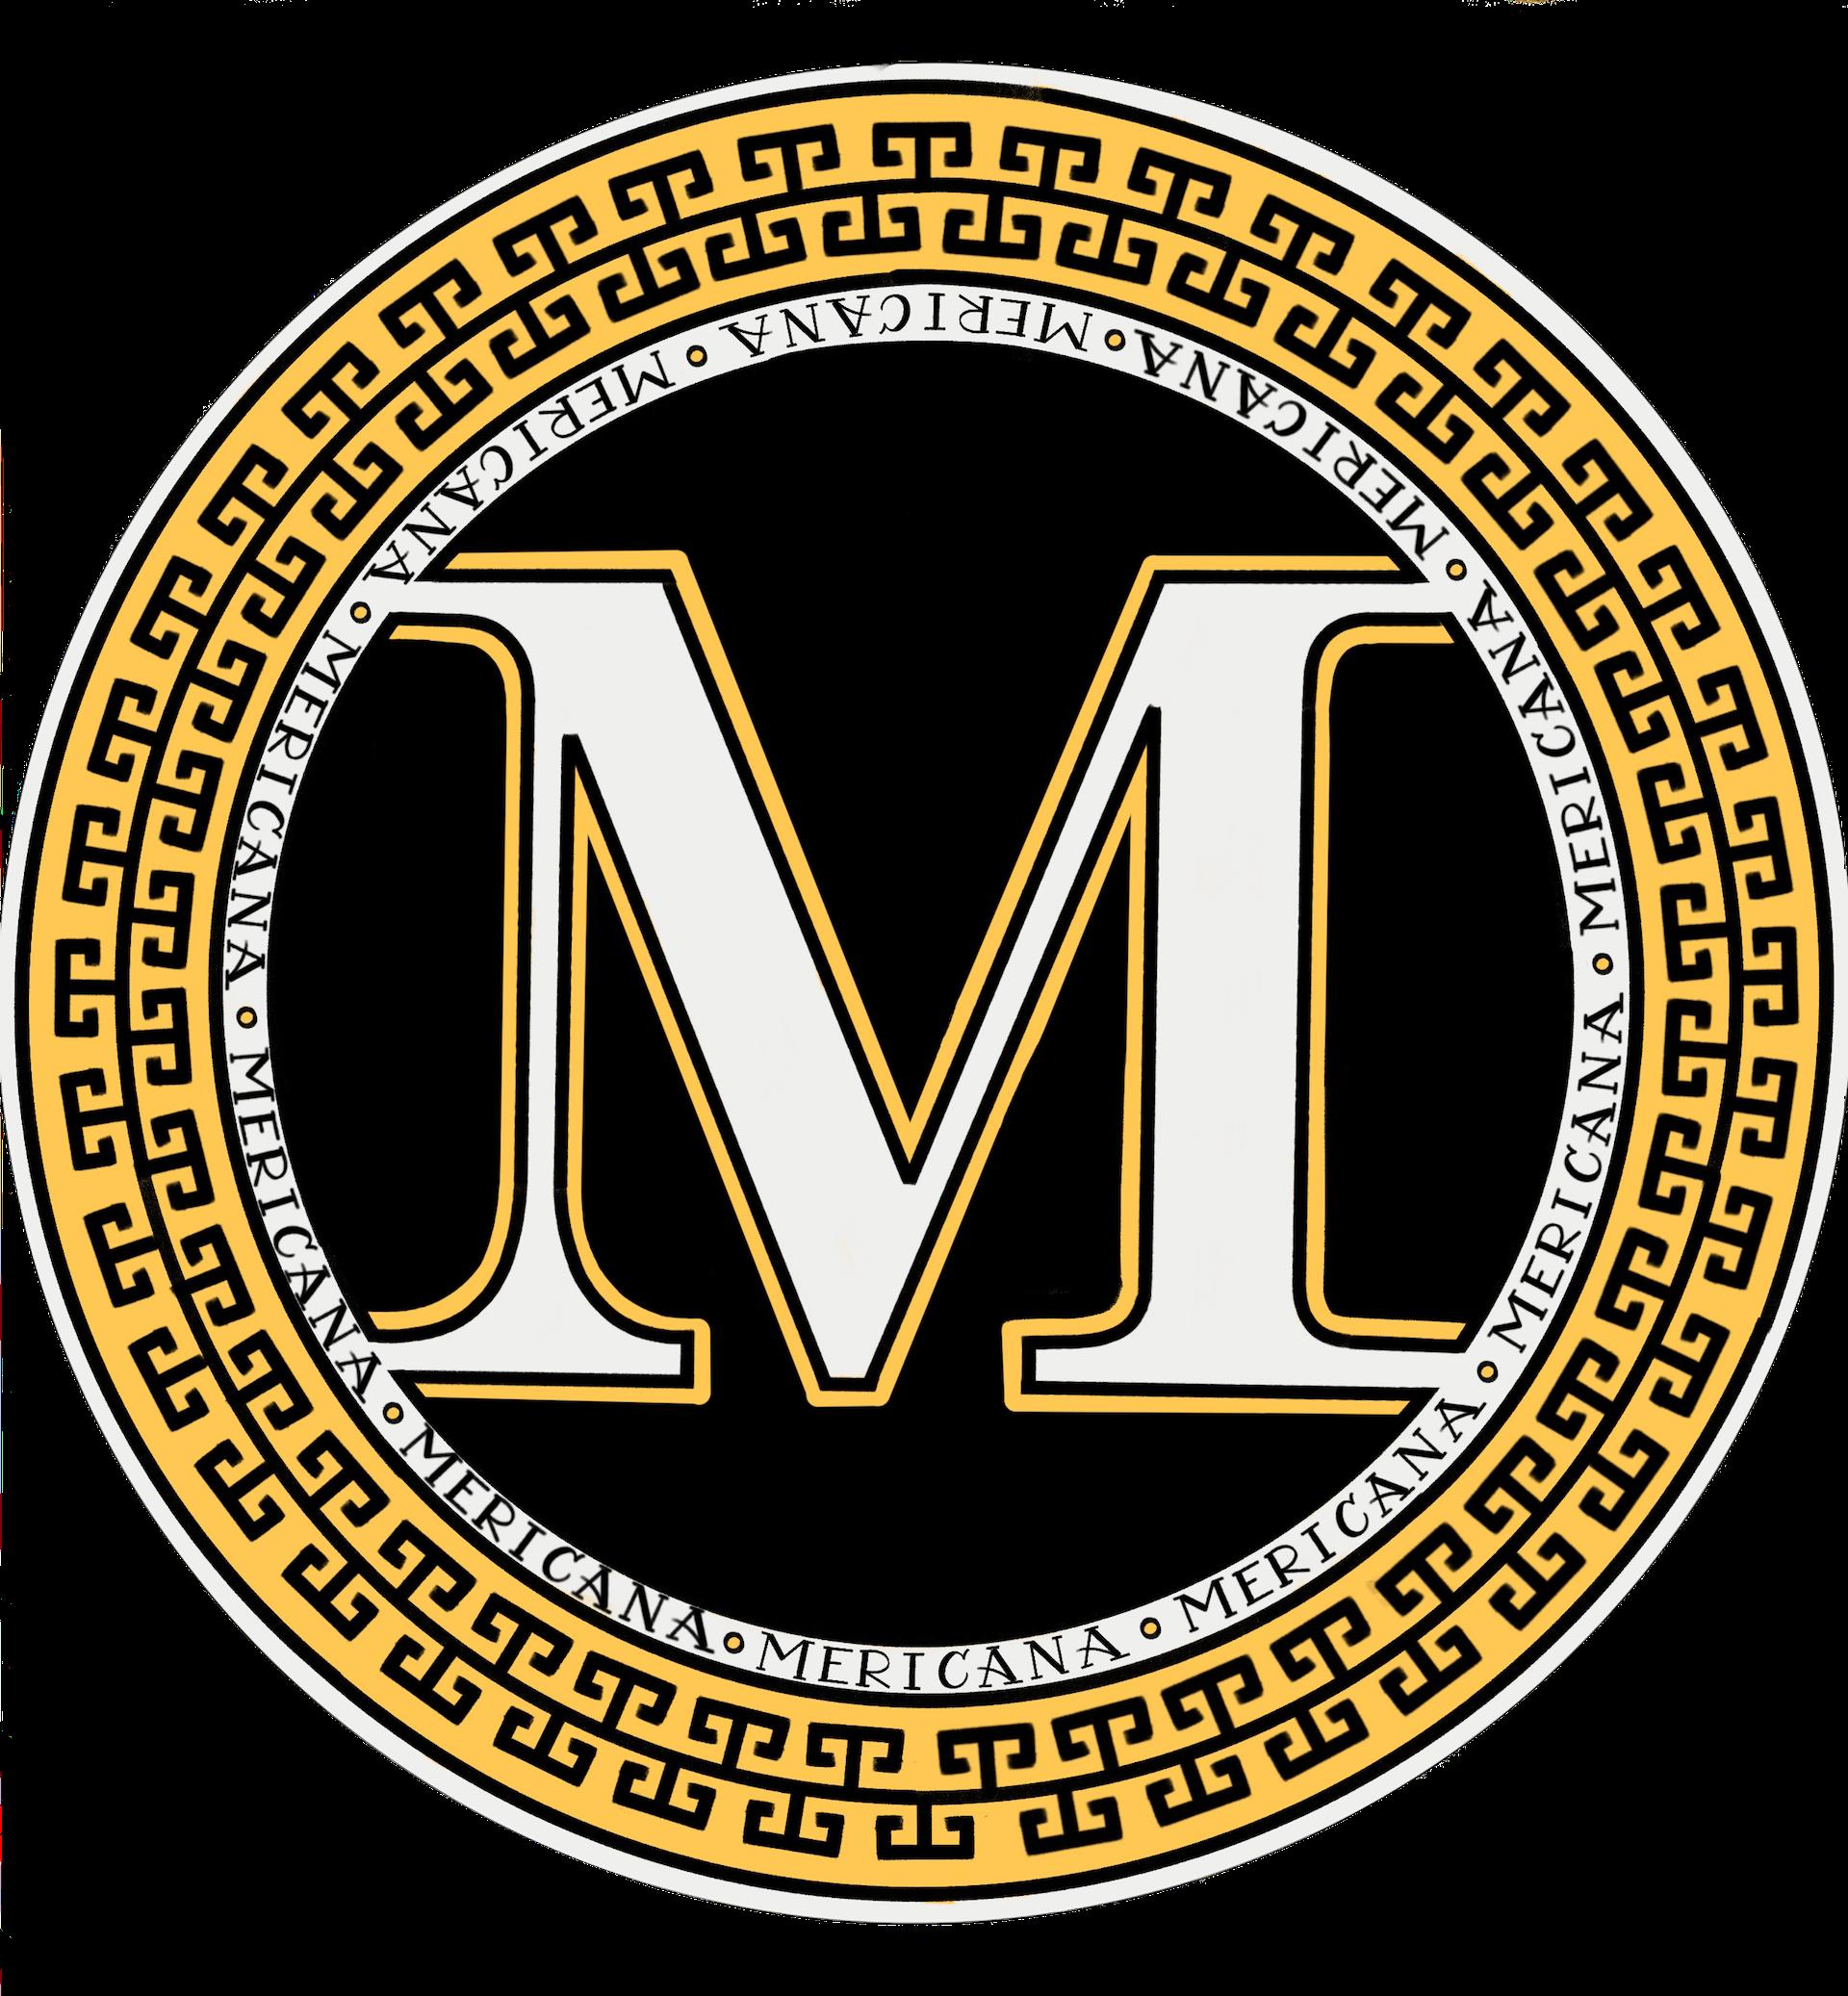 The Mericana